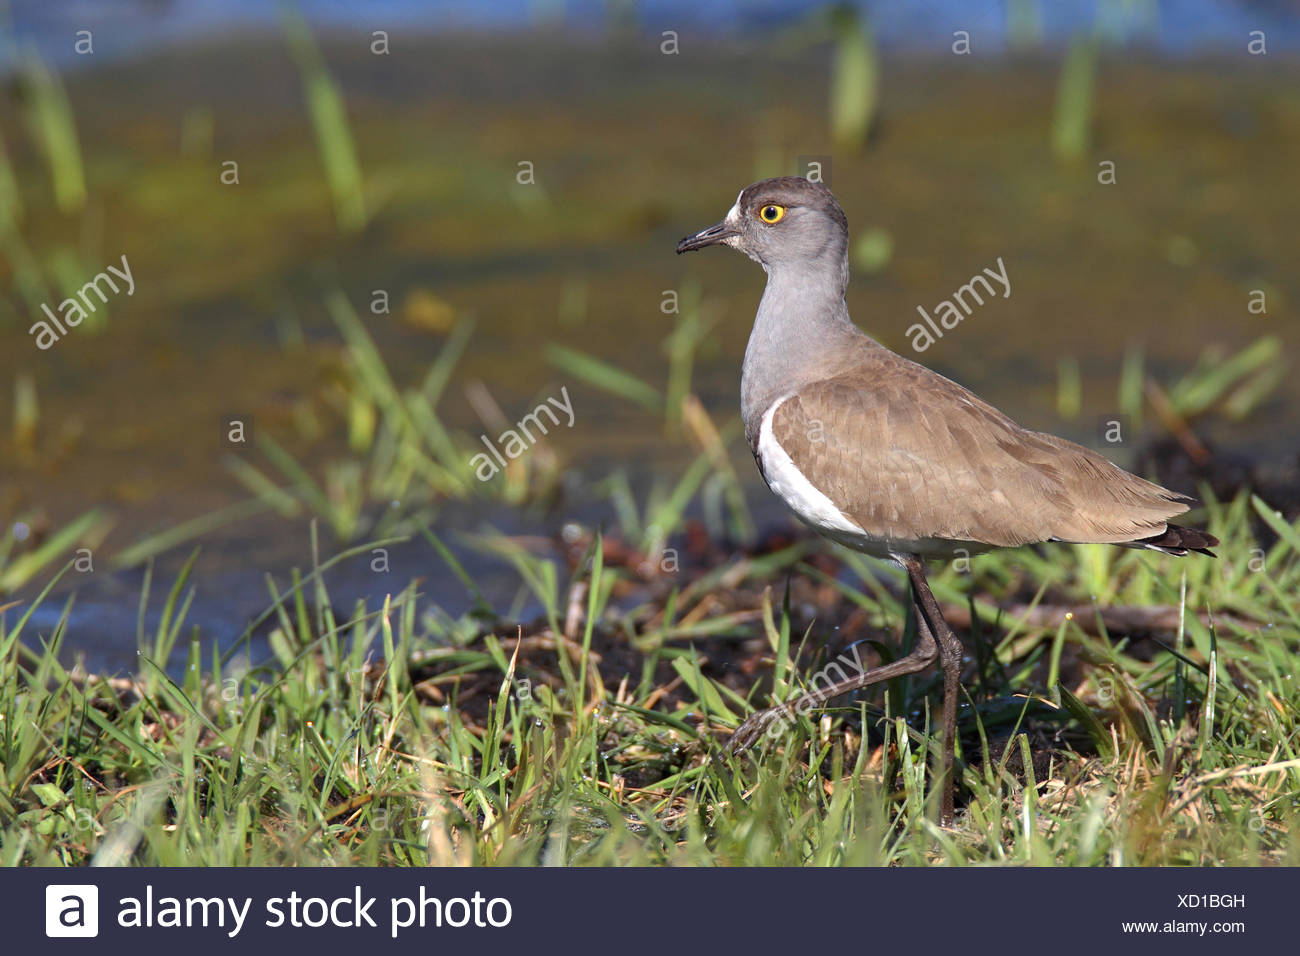 Senegal plover (Vanellus lugubris), si trova in acque poco profonde, Sud Africa, iSimangaliso Wetland Park Immagini Stock